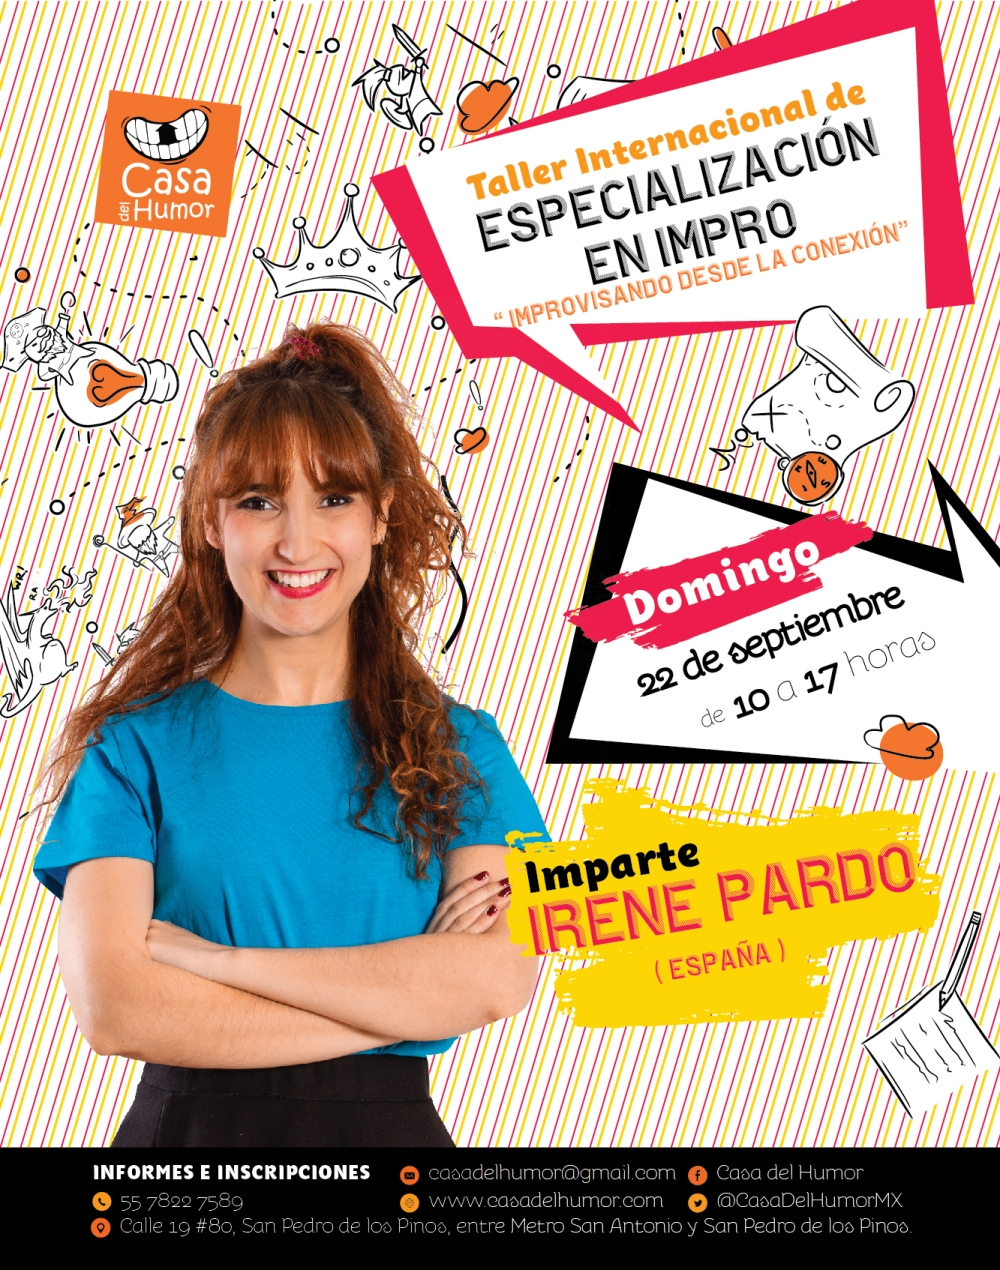 Casa_del_humor_especializacion_impro_irene_prado-01